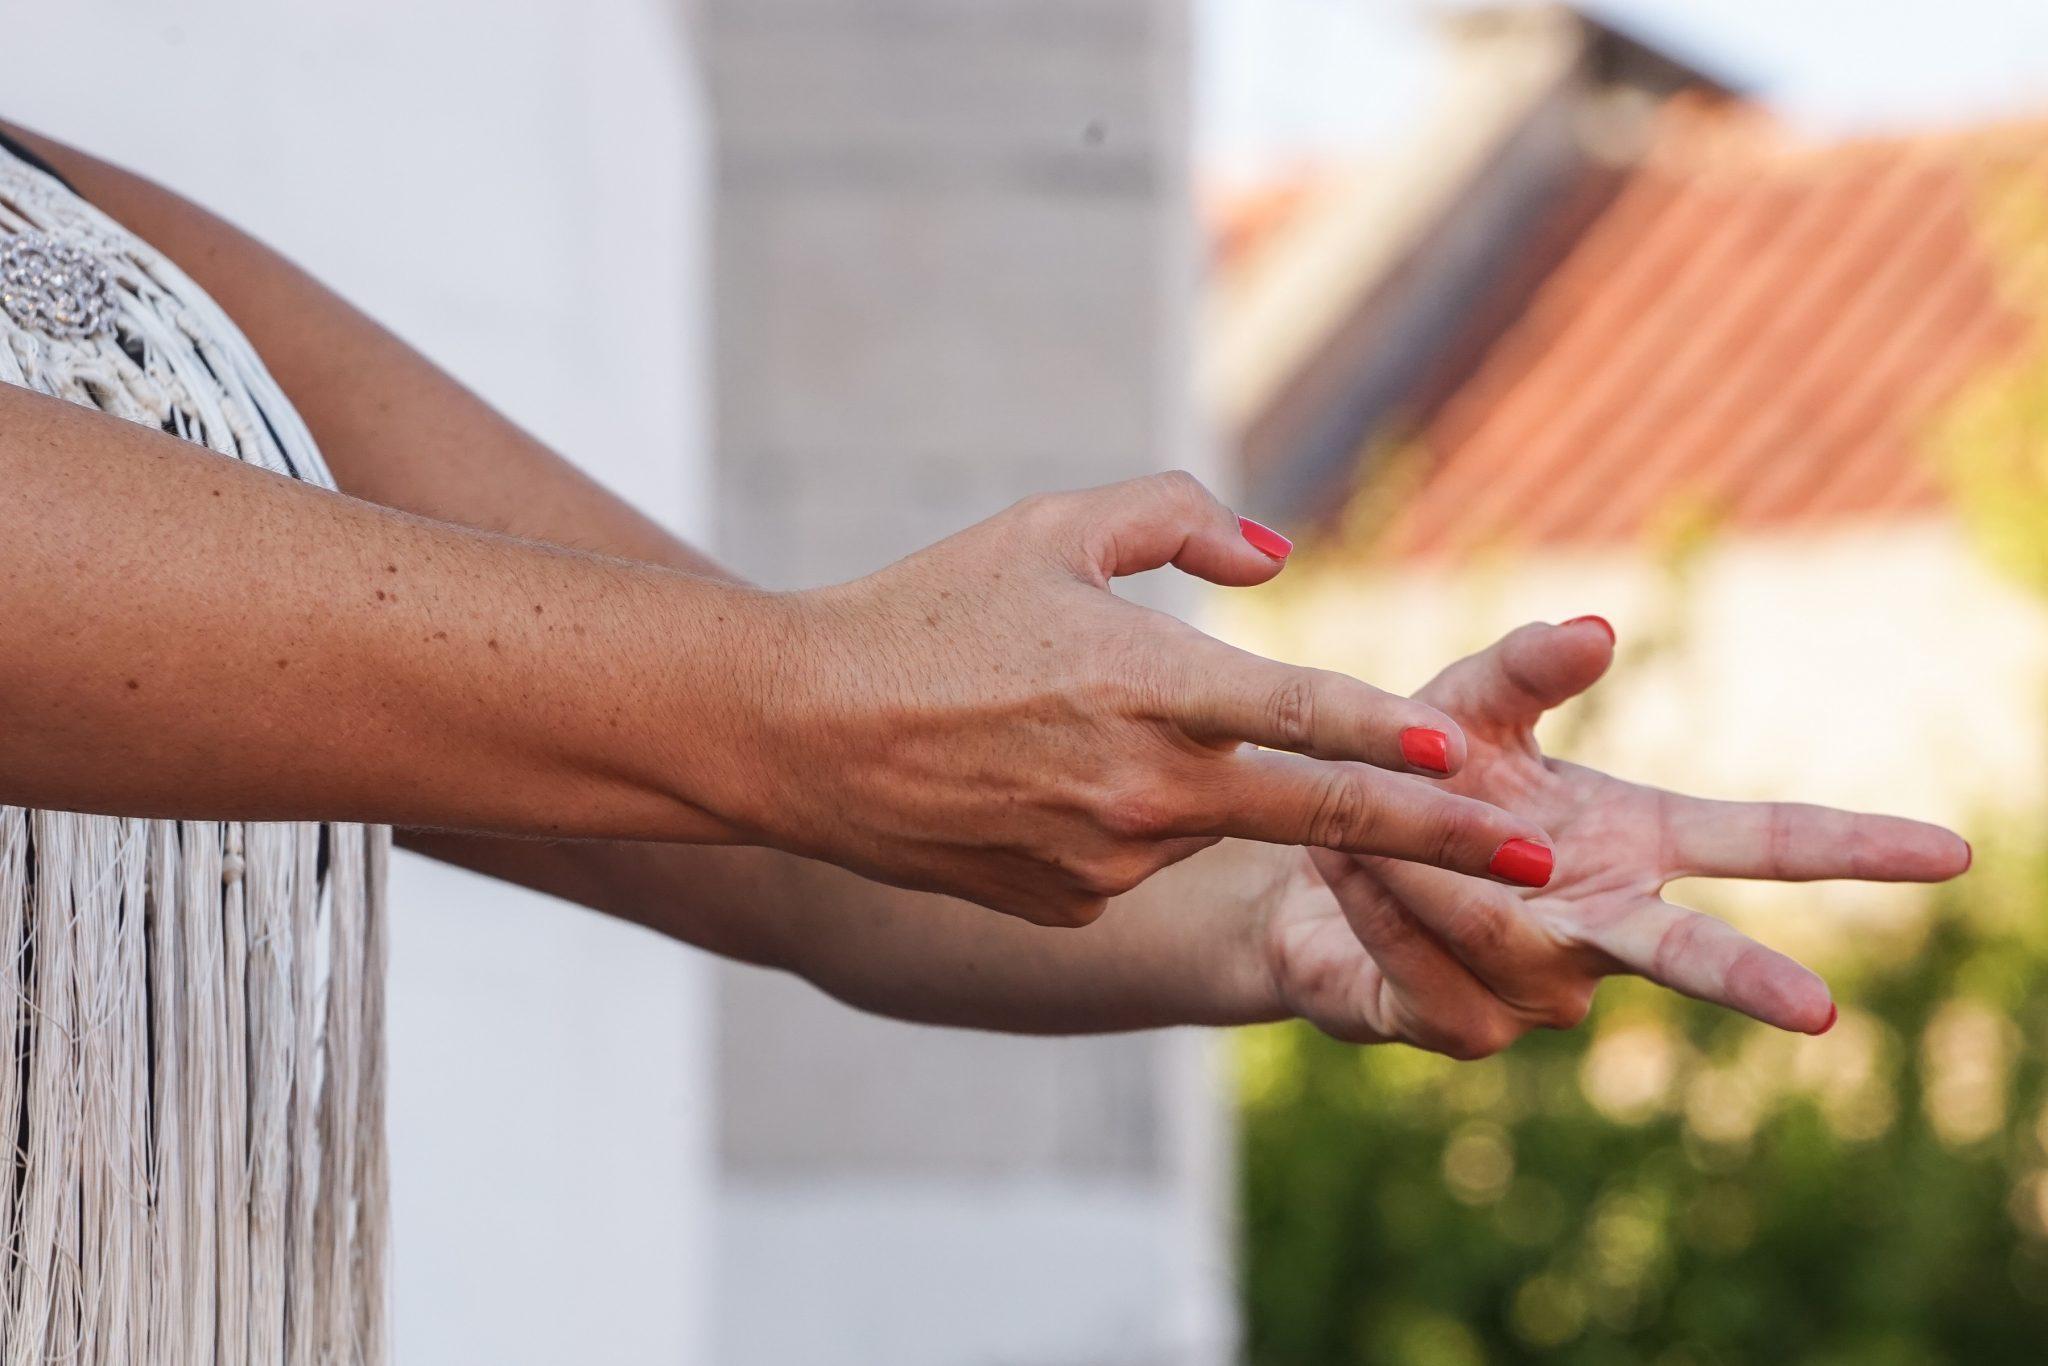 Pormenor das mãos de uma mulher, com alguns dedos enrolados, demonstrando um movimento do flamenco